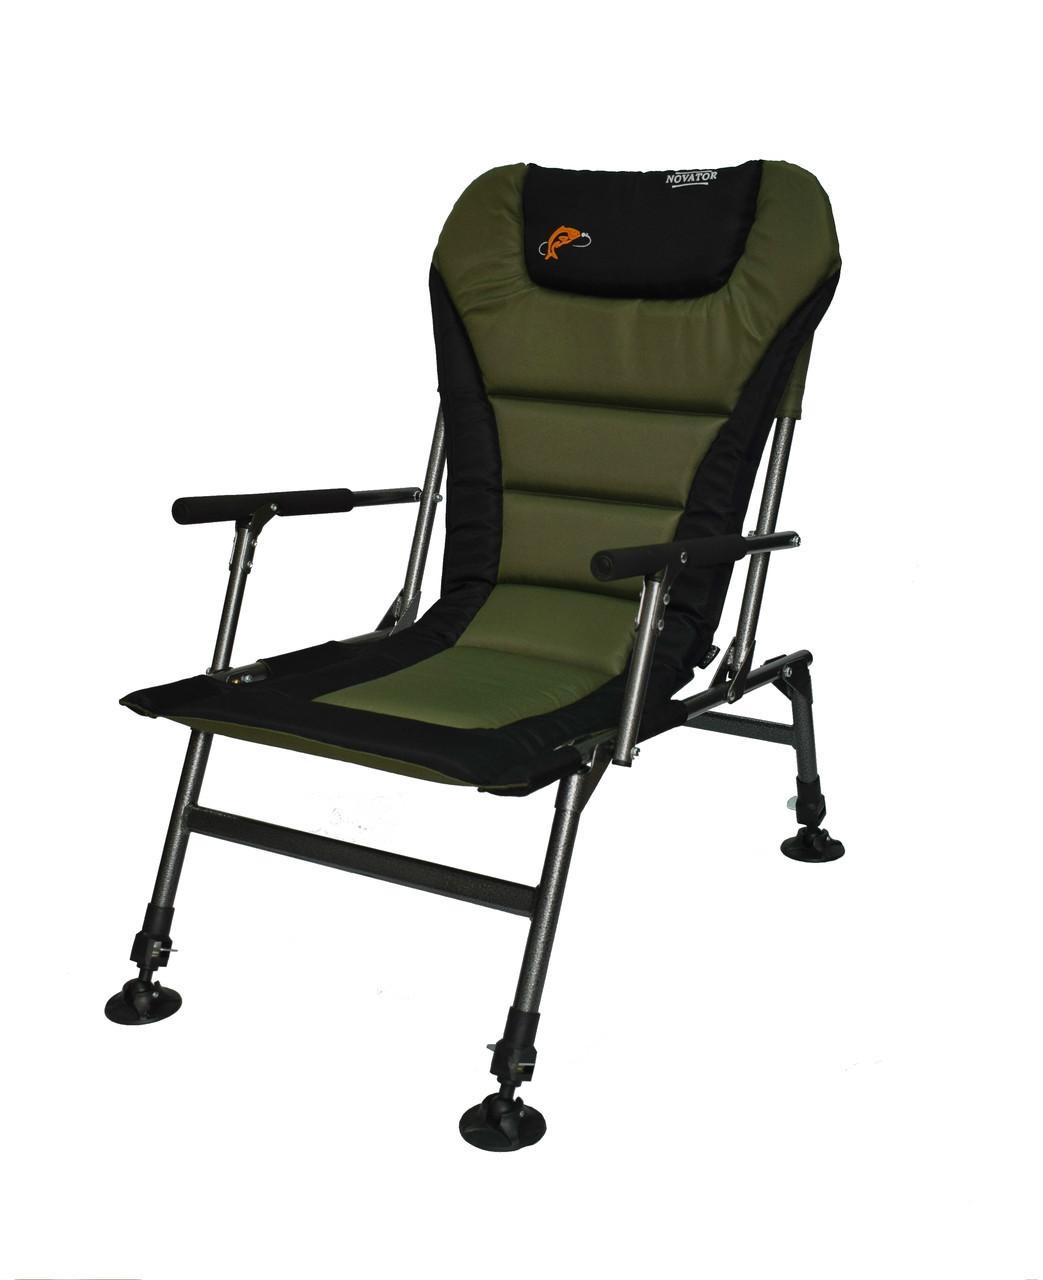 Карповое кресло для рыбалки с регулируемыми ножками Novator SF-1 Comfort